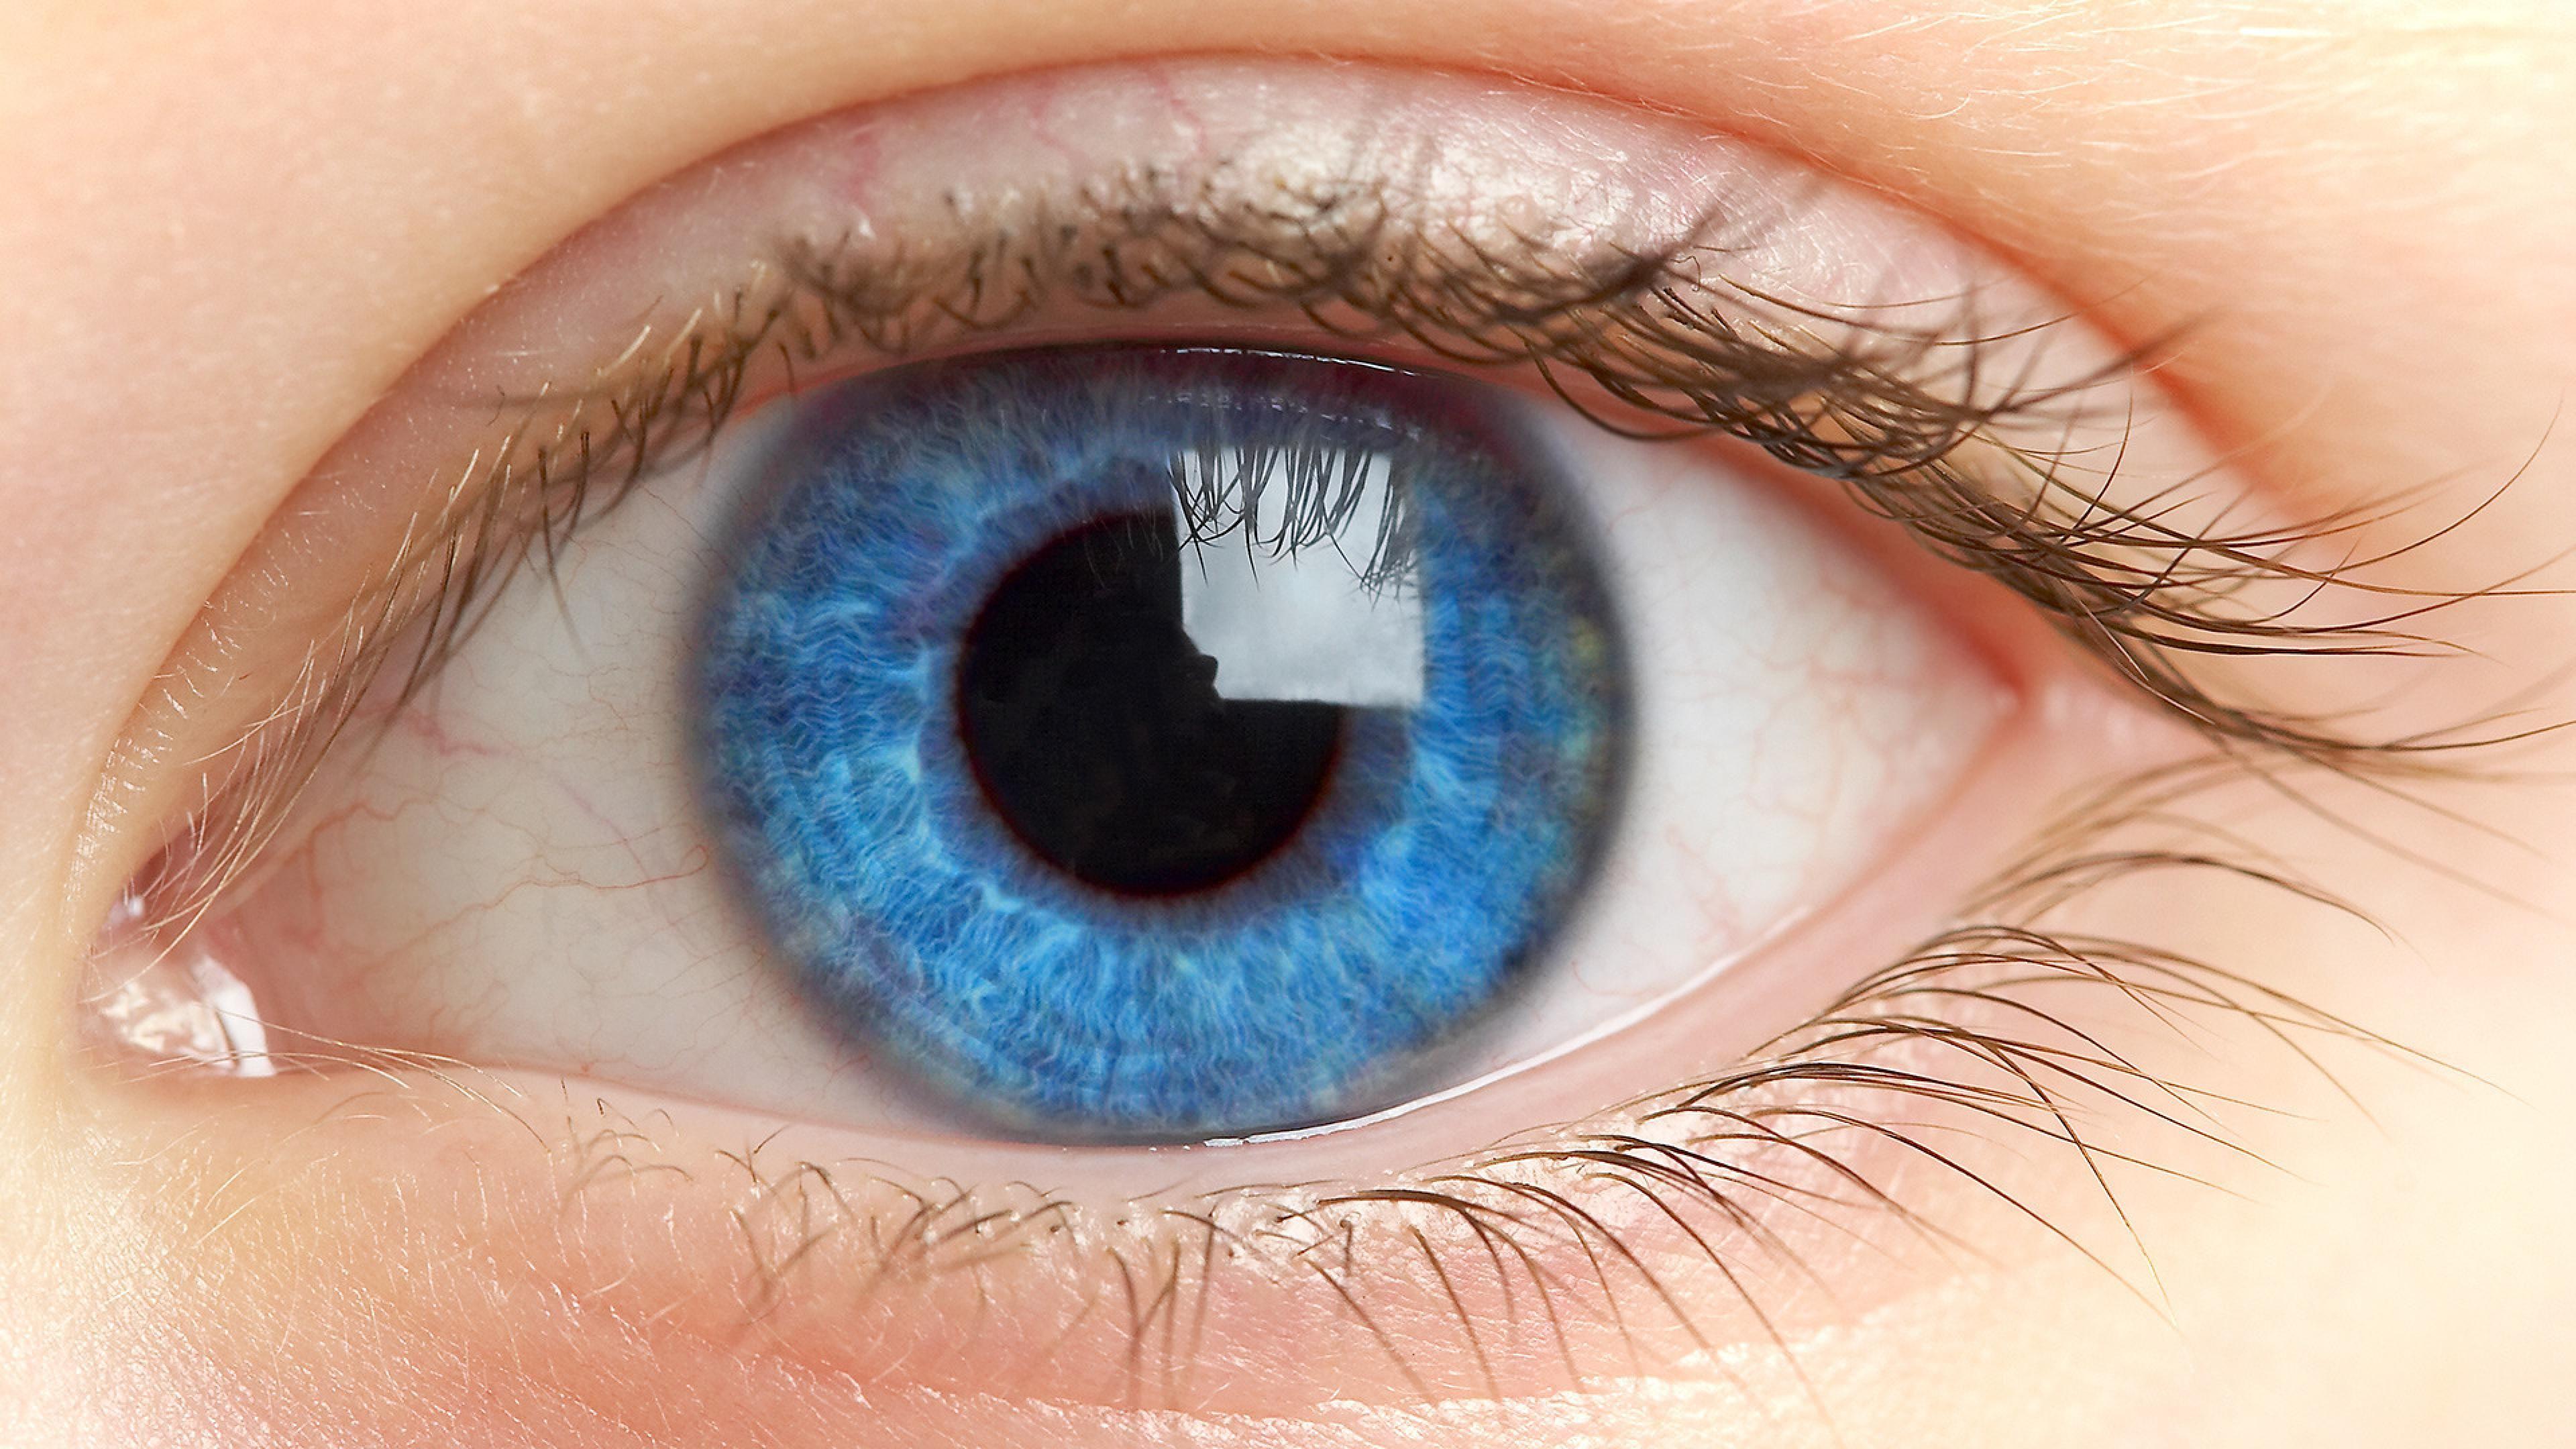 eye hd - Google Search